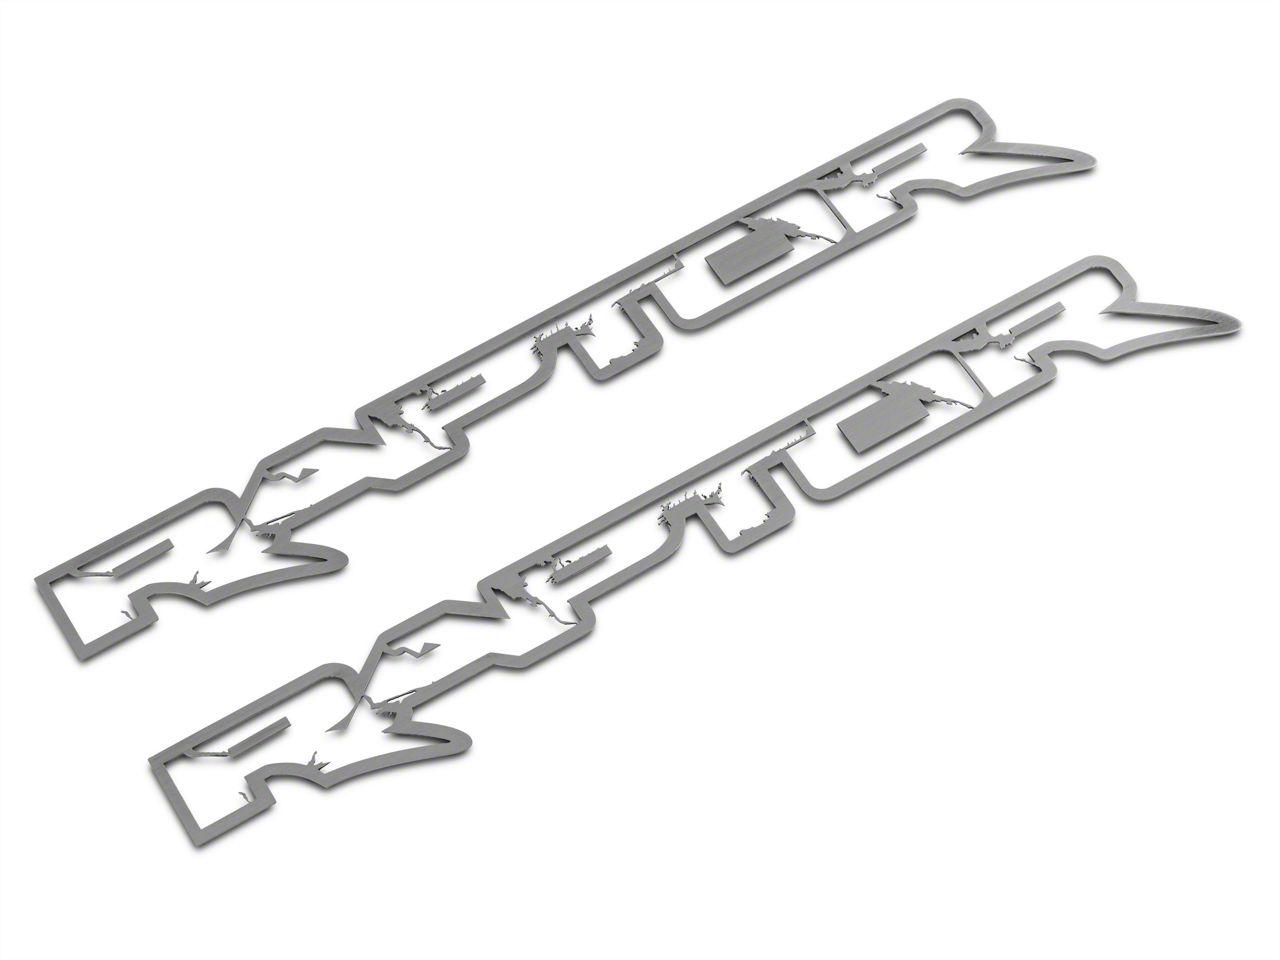 ACC Brushed Frame Style Raptor Emblems (10-14 F-150 Raptor)